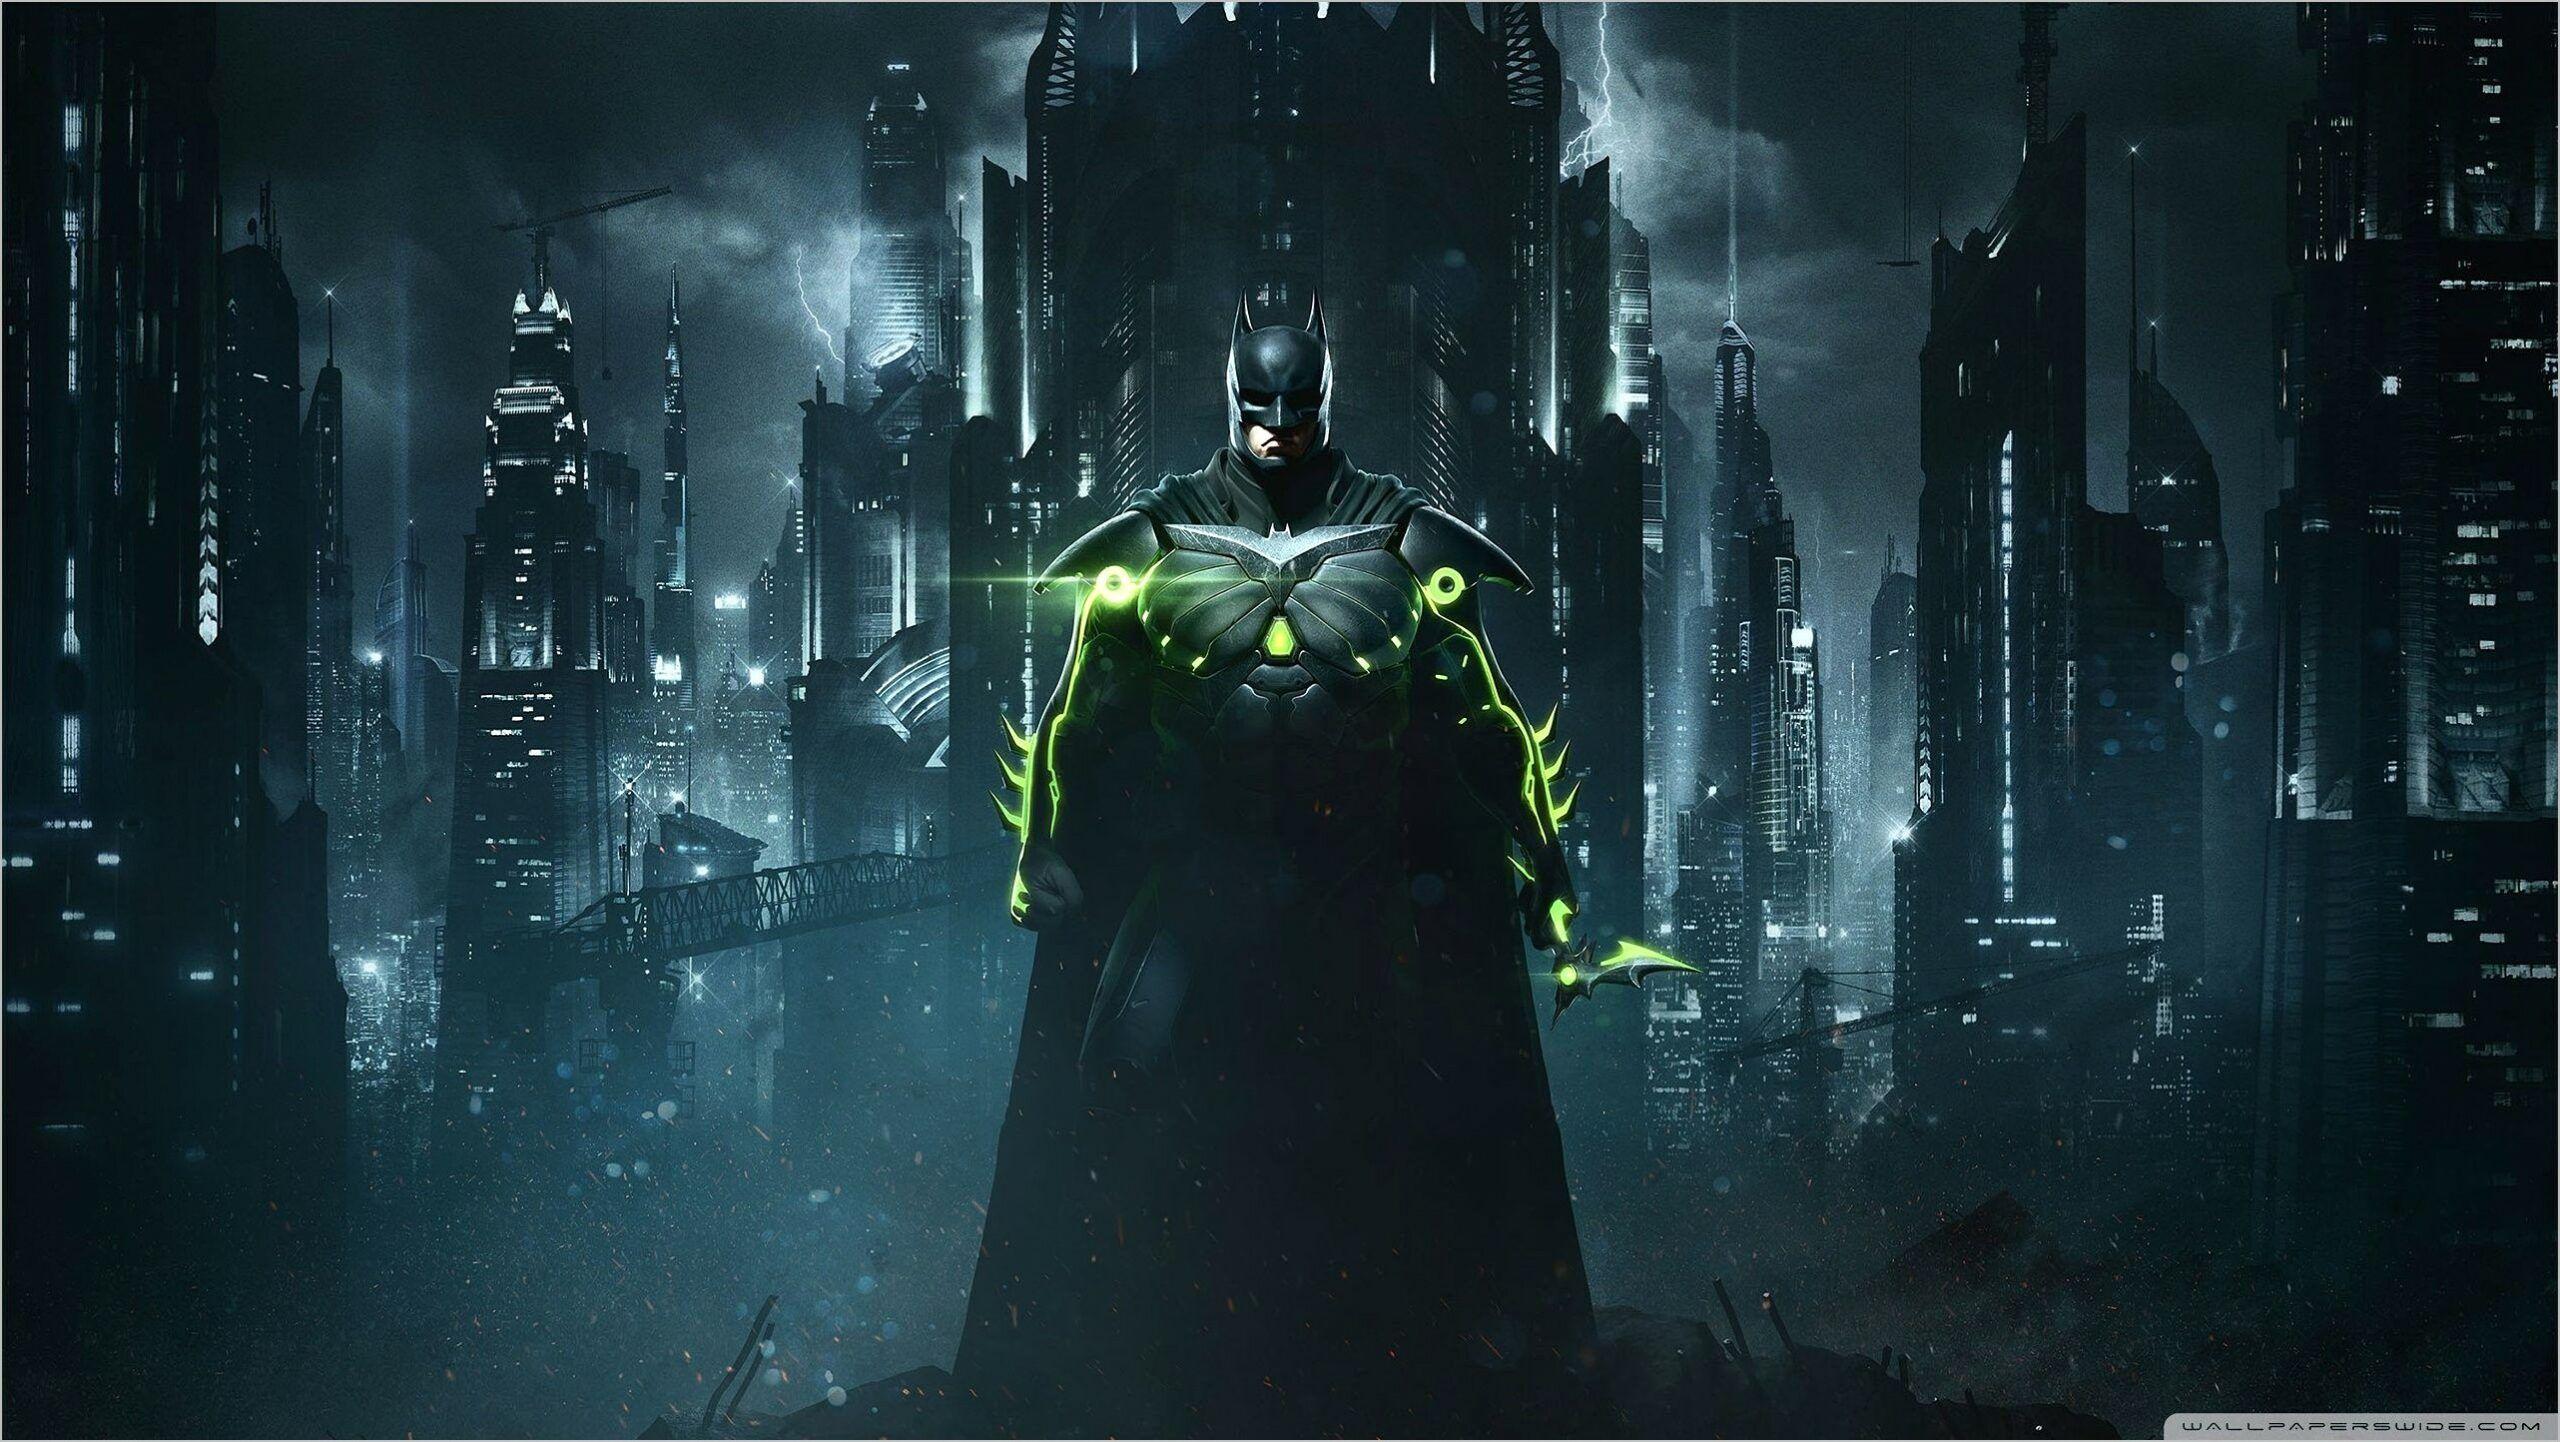 Batmobile 4k Wallpaper For Pc In 2020 Injustice 2 Batman Batman Wallpaper Batman Injustice